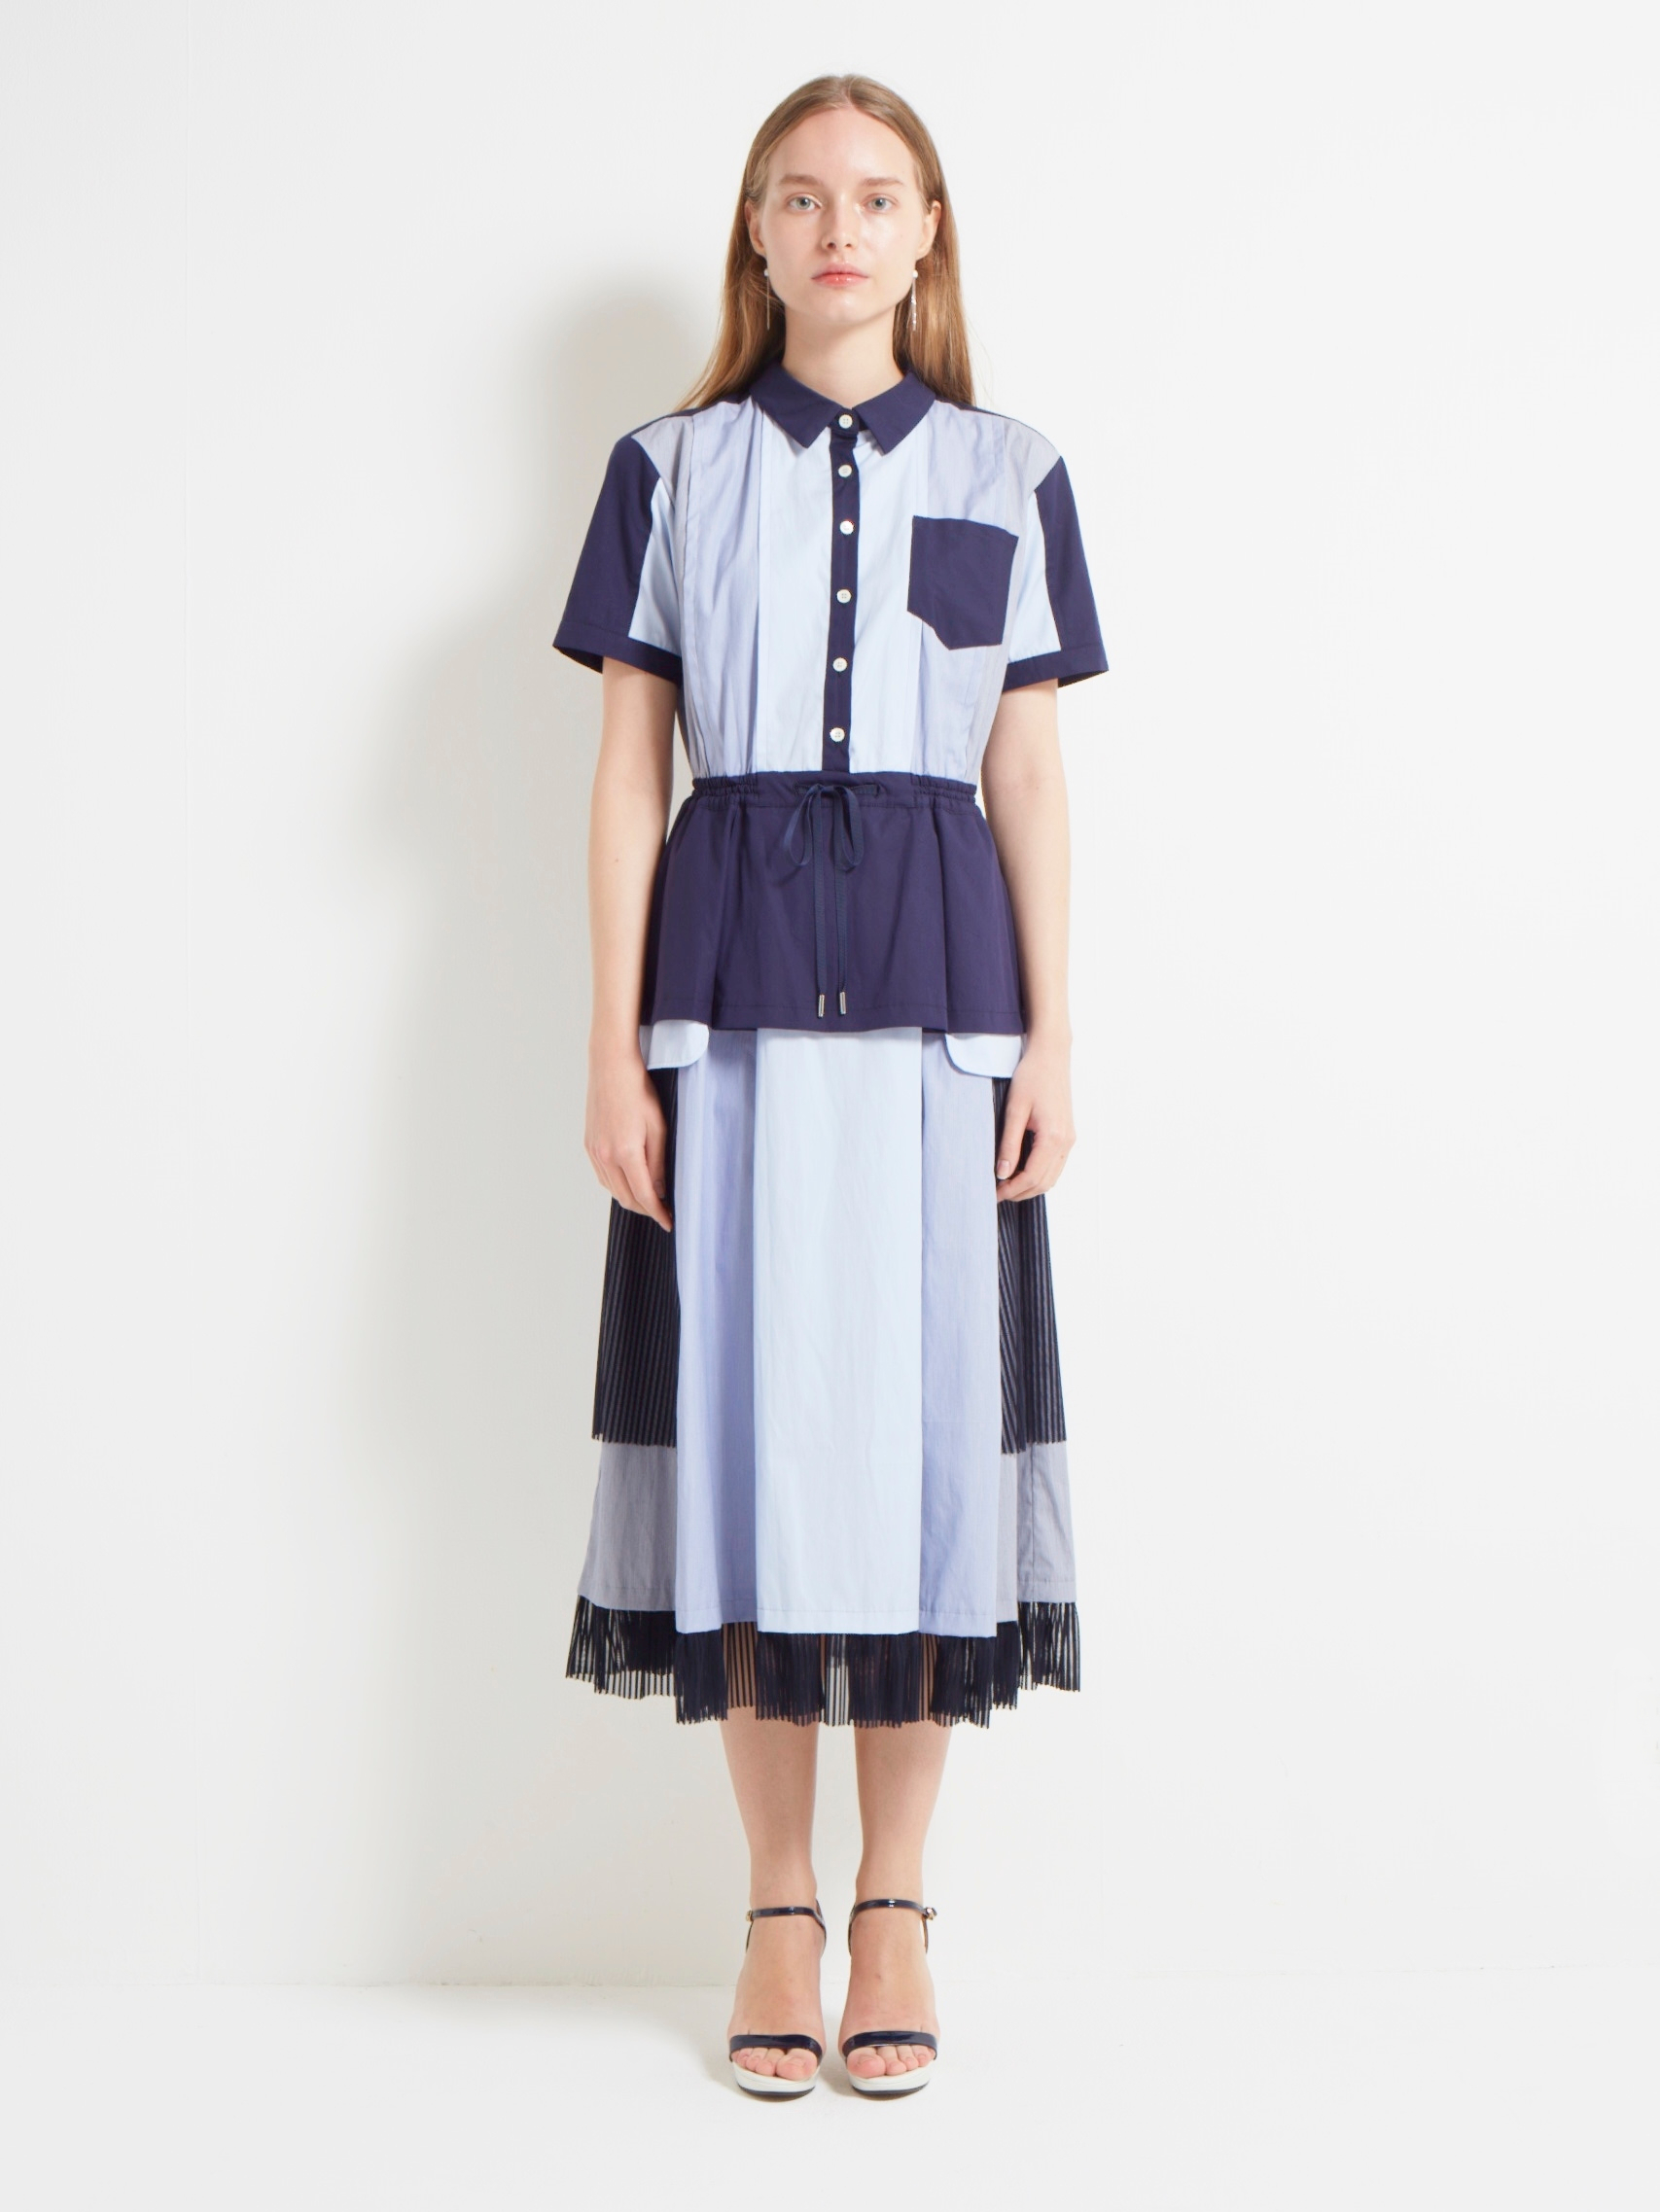 TYPEWRITER COMPLEX SHIRT DRESS